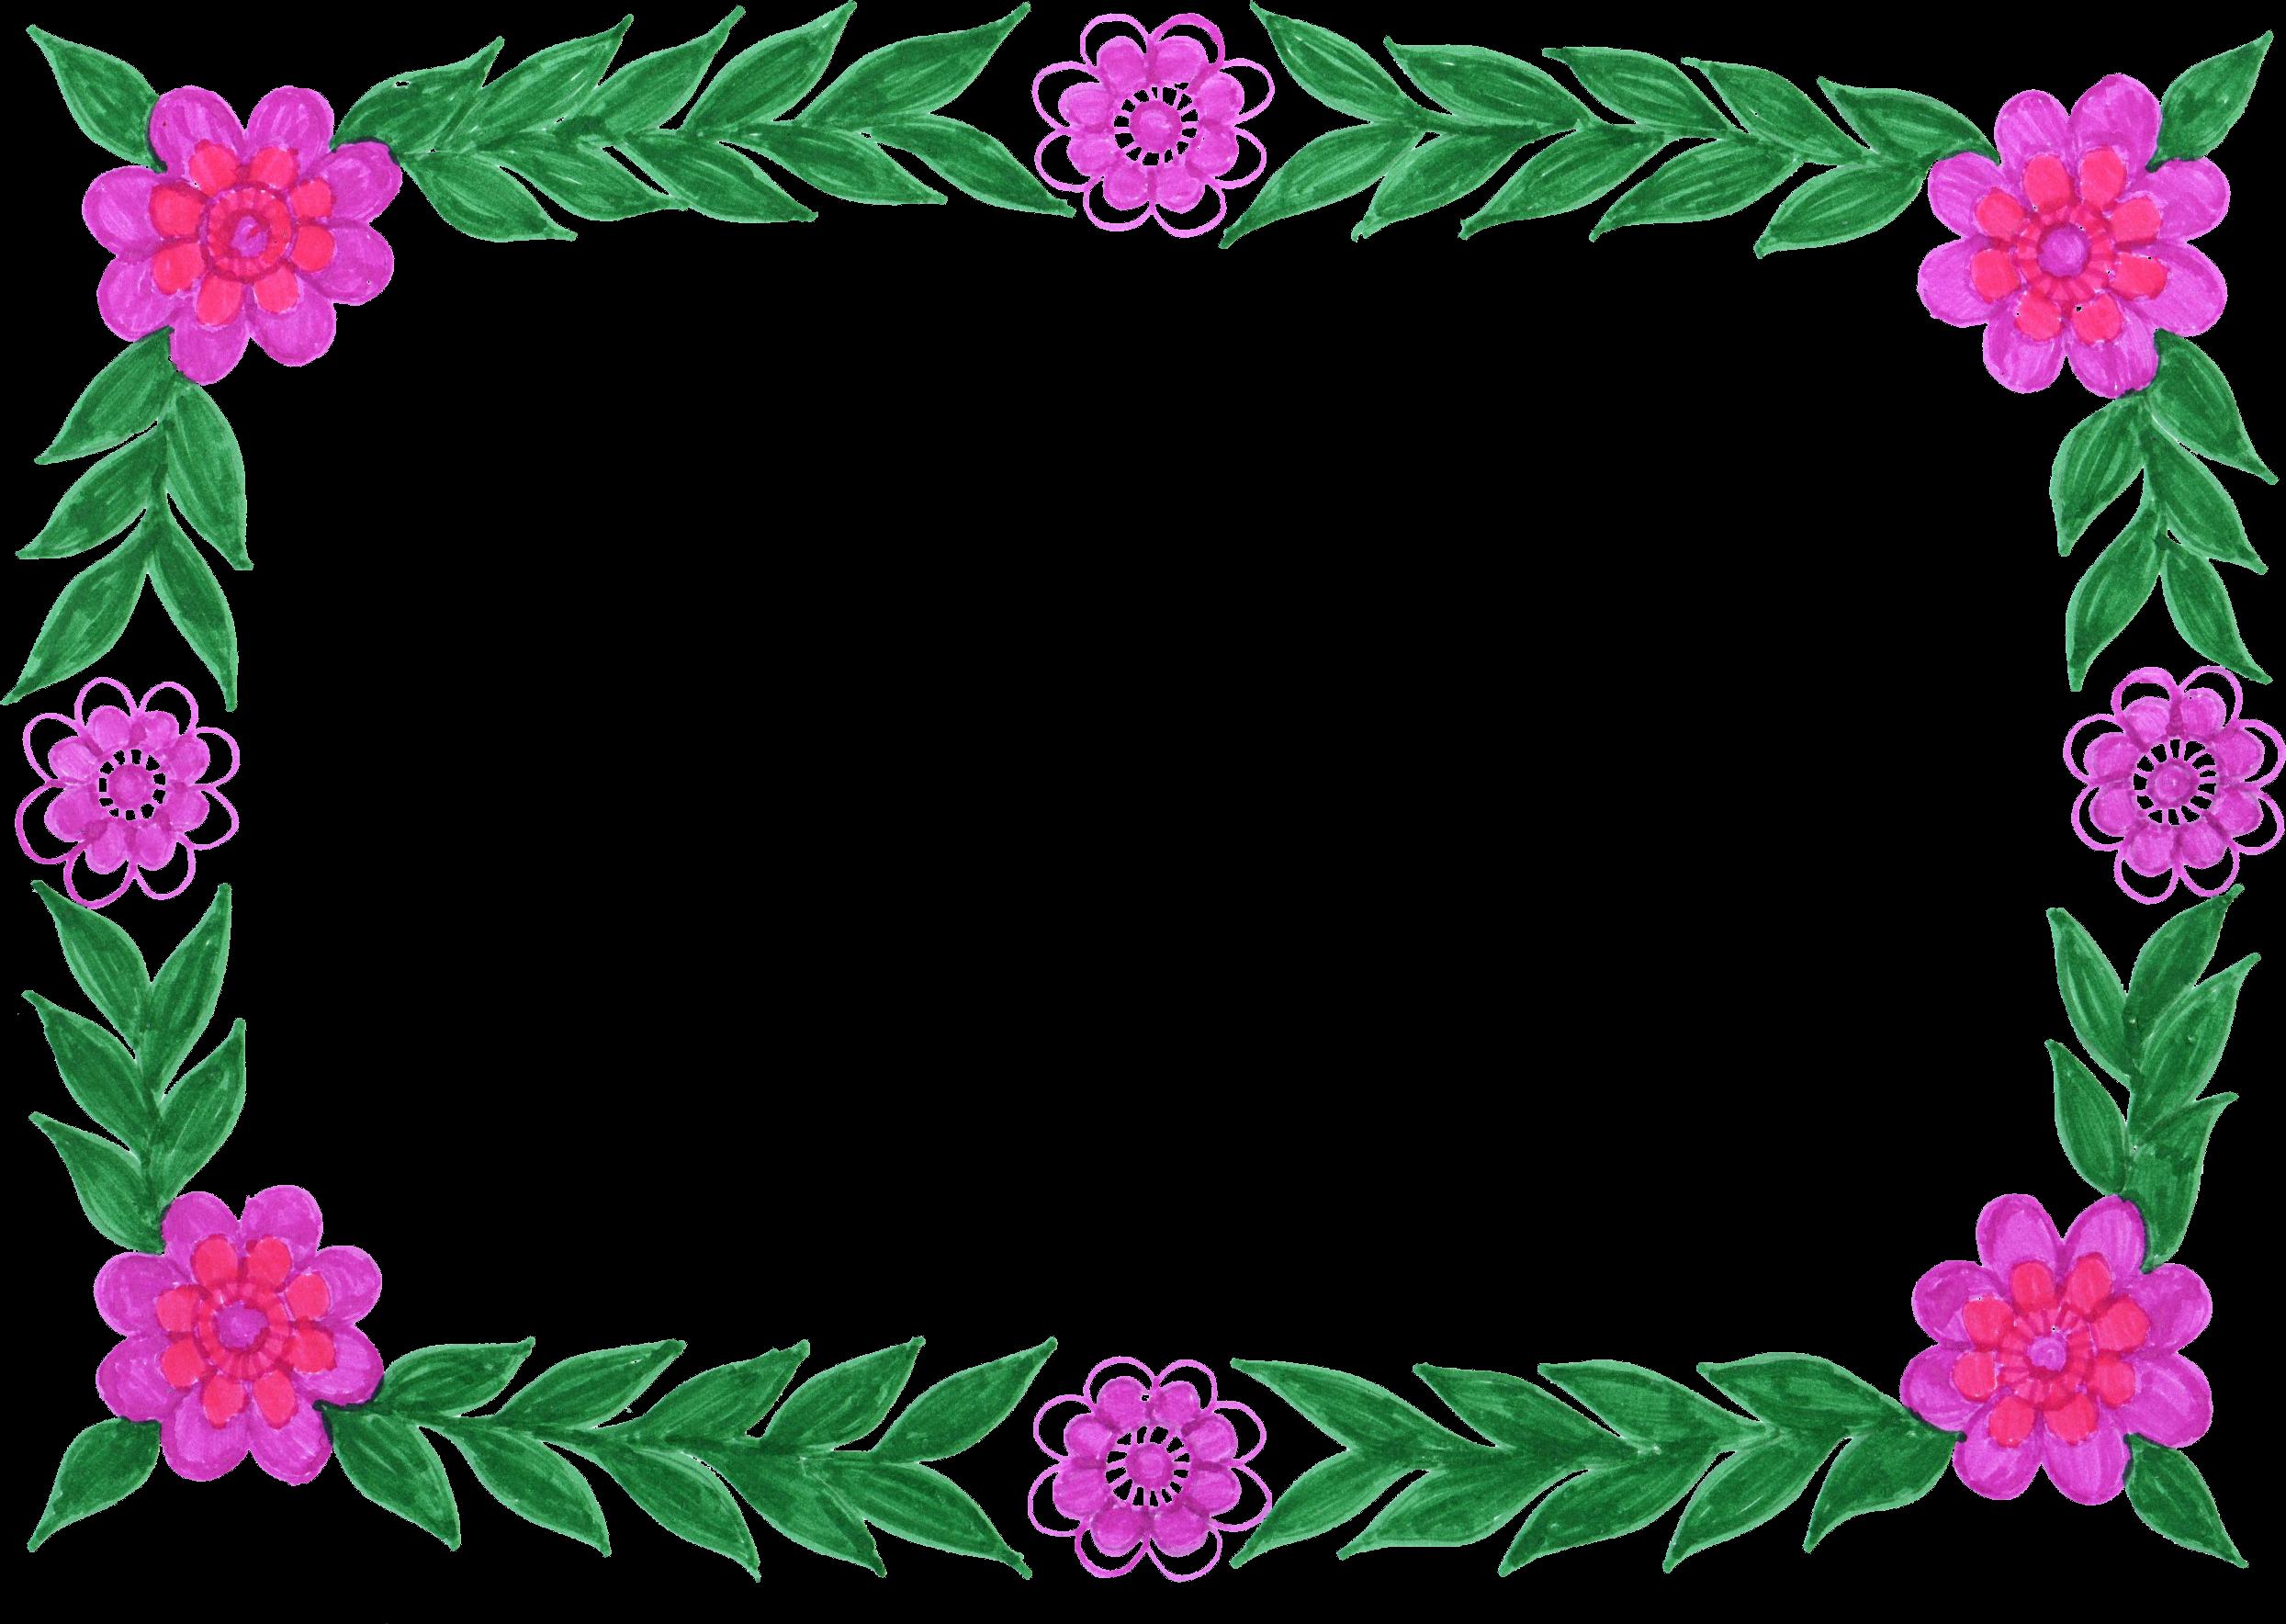 Descargar marcos de fotos con flores PNG